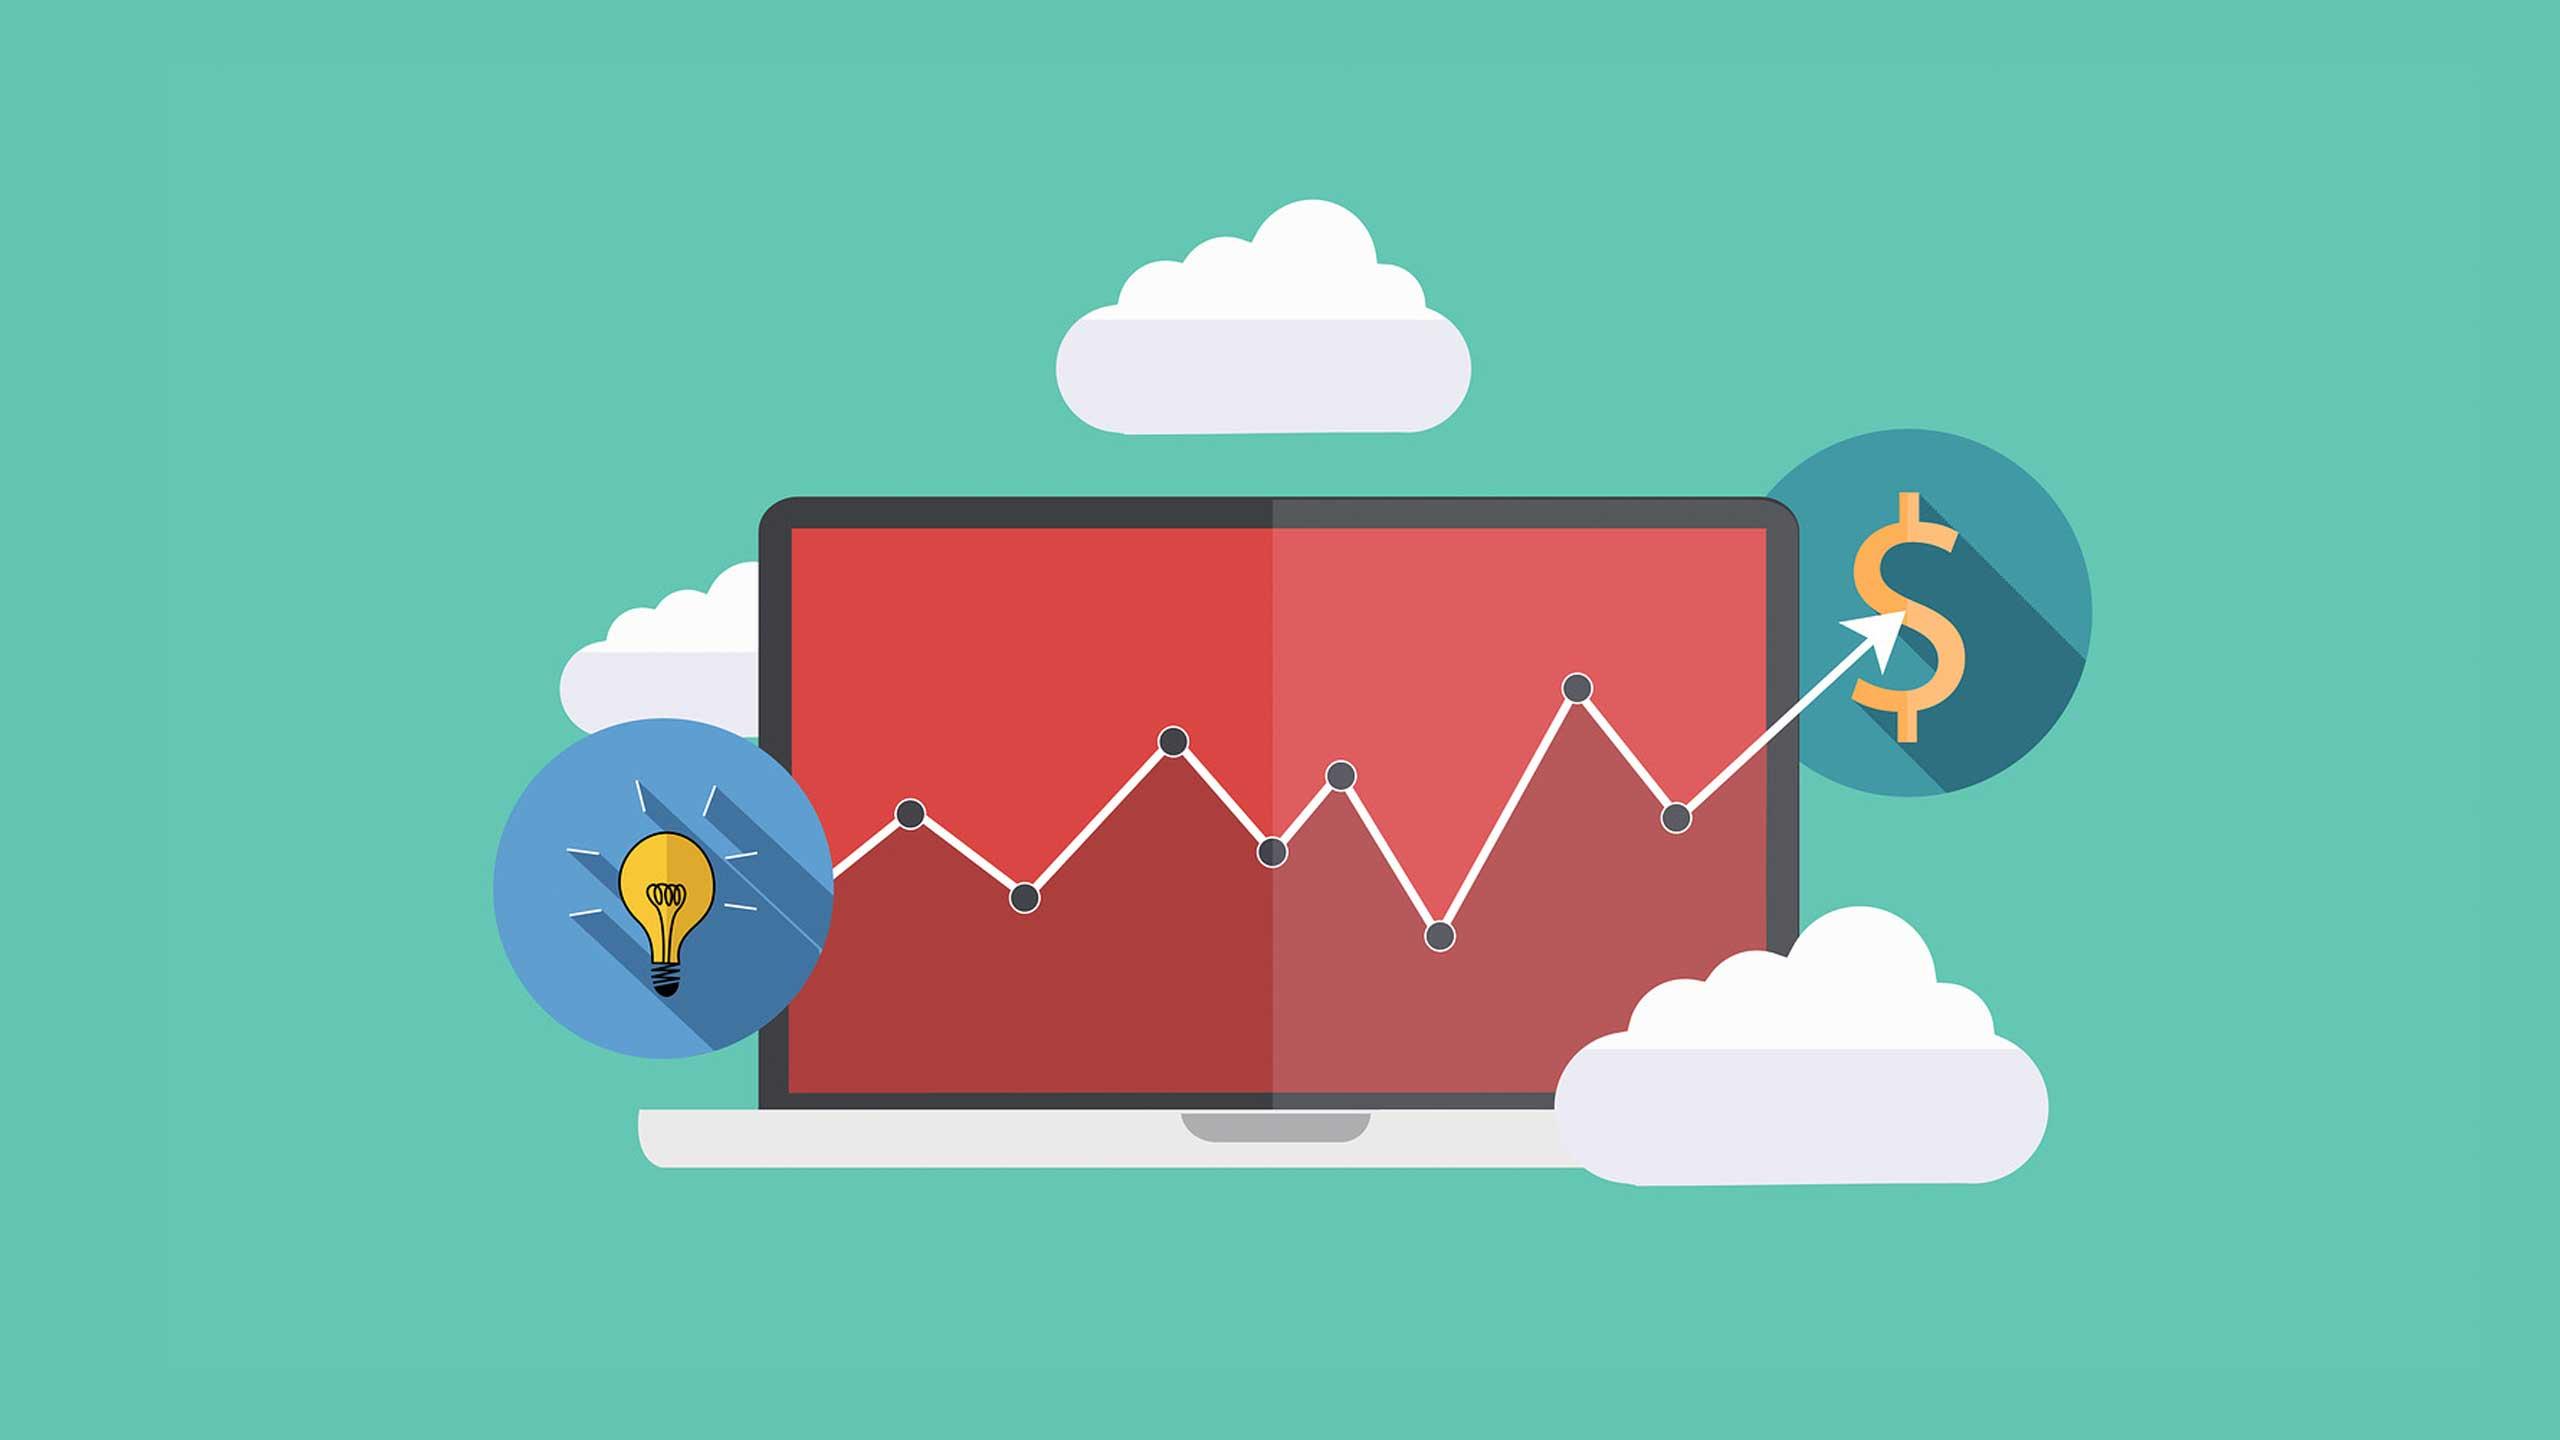 ¿Qué tipo de campaña debo elegir en Google Adwords? - Strategia 2.0